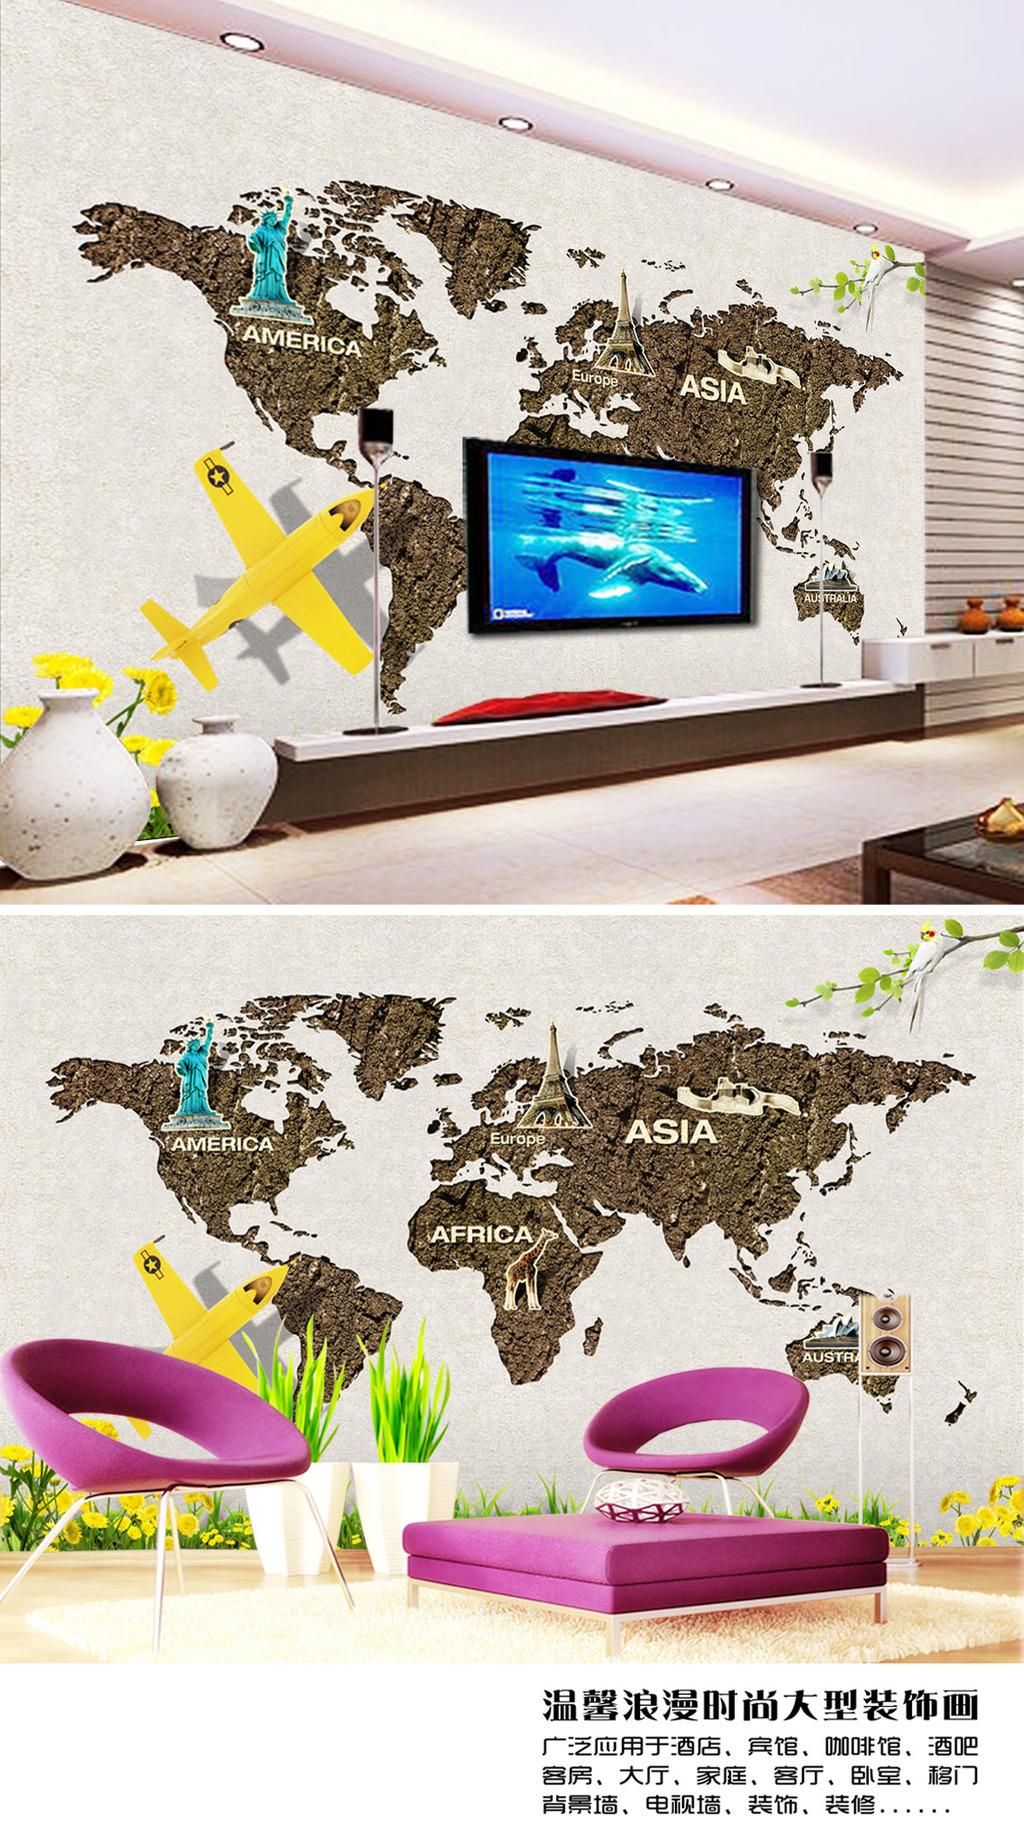 地图飞机电视背景墙图片下载 电视背景墙电视背景墙效果图室内背景墙